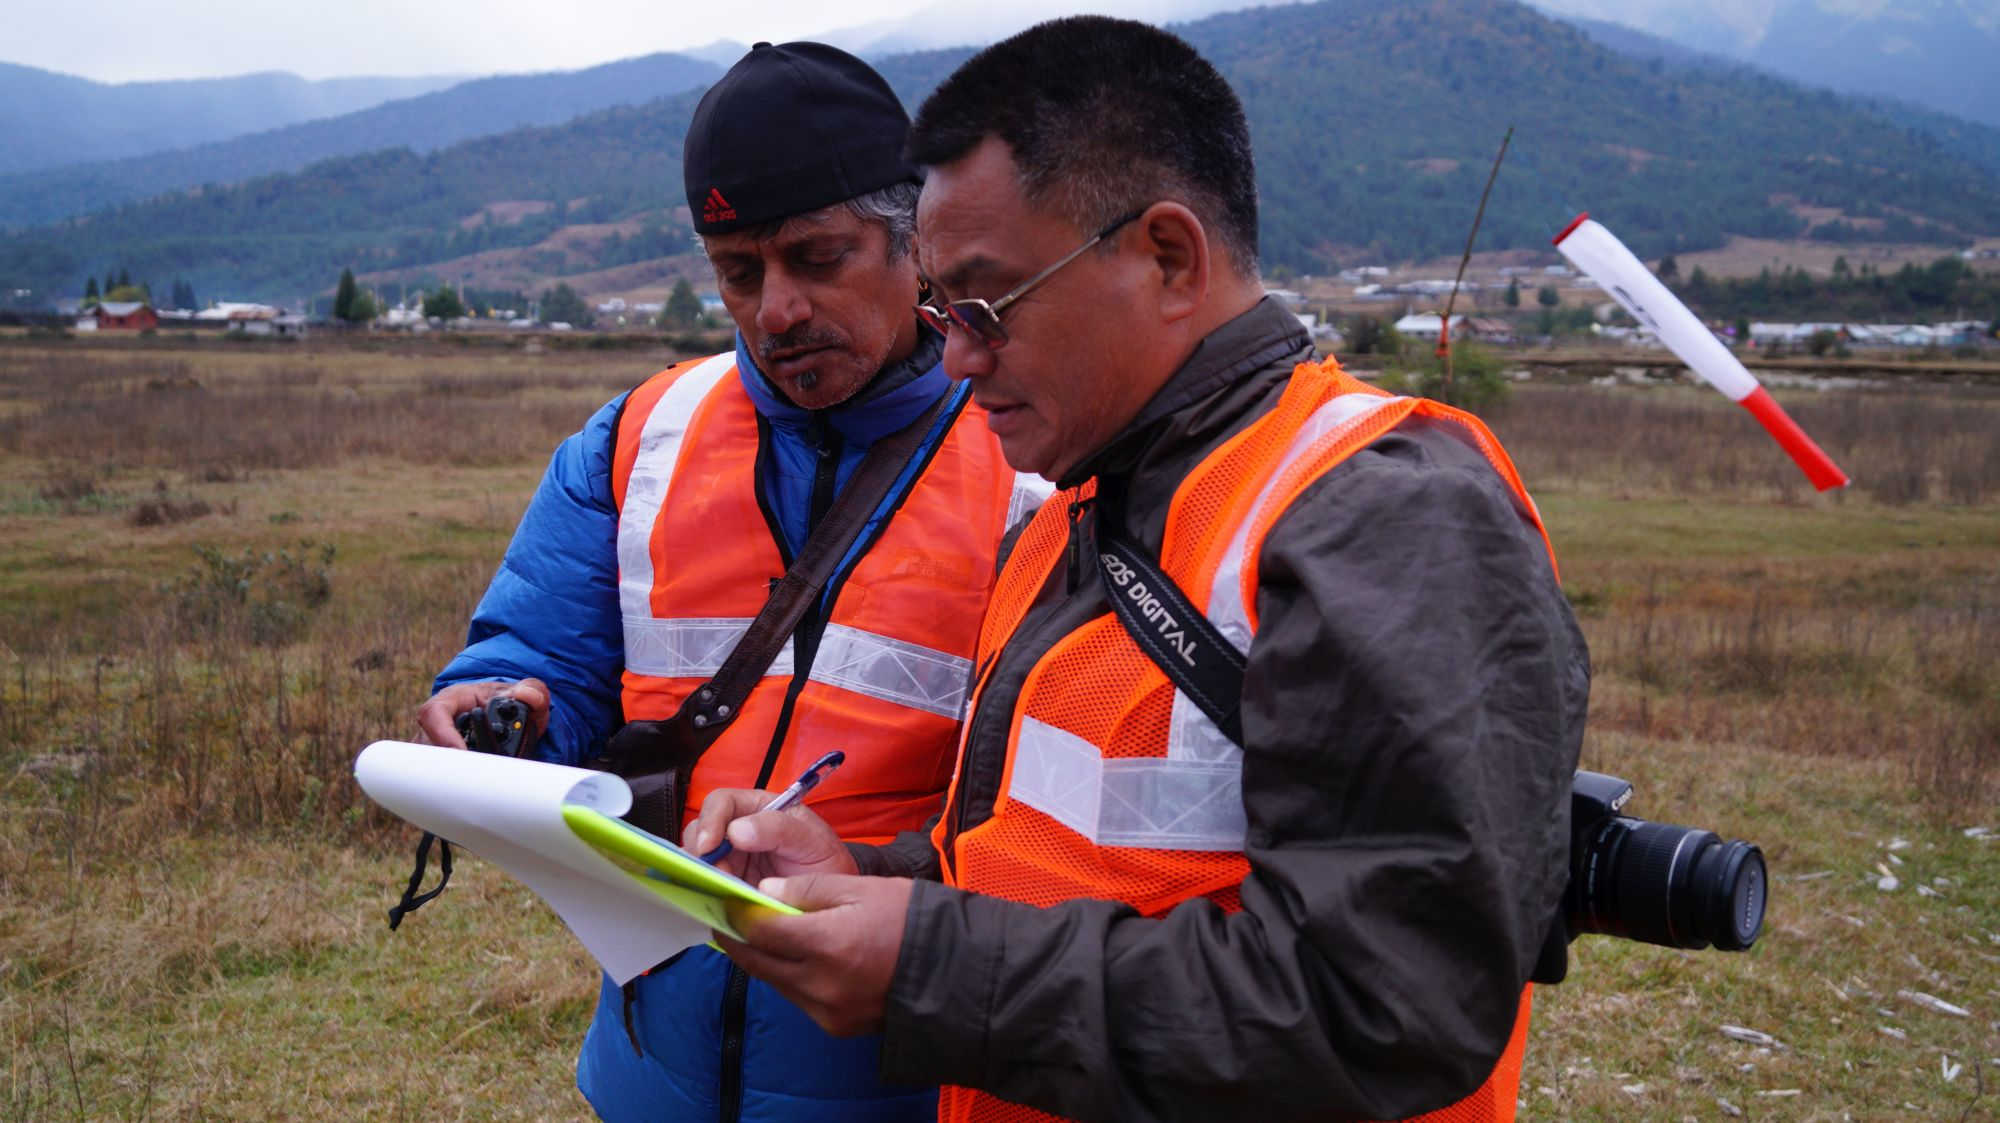 Event Meet Director - Sanjay Pendurkar and Vijay Sonam, President, Paragliding Association of Arunachal Pradesh